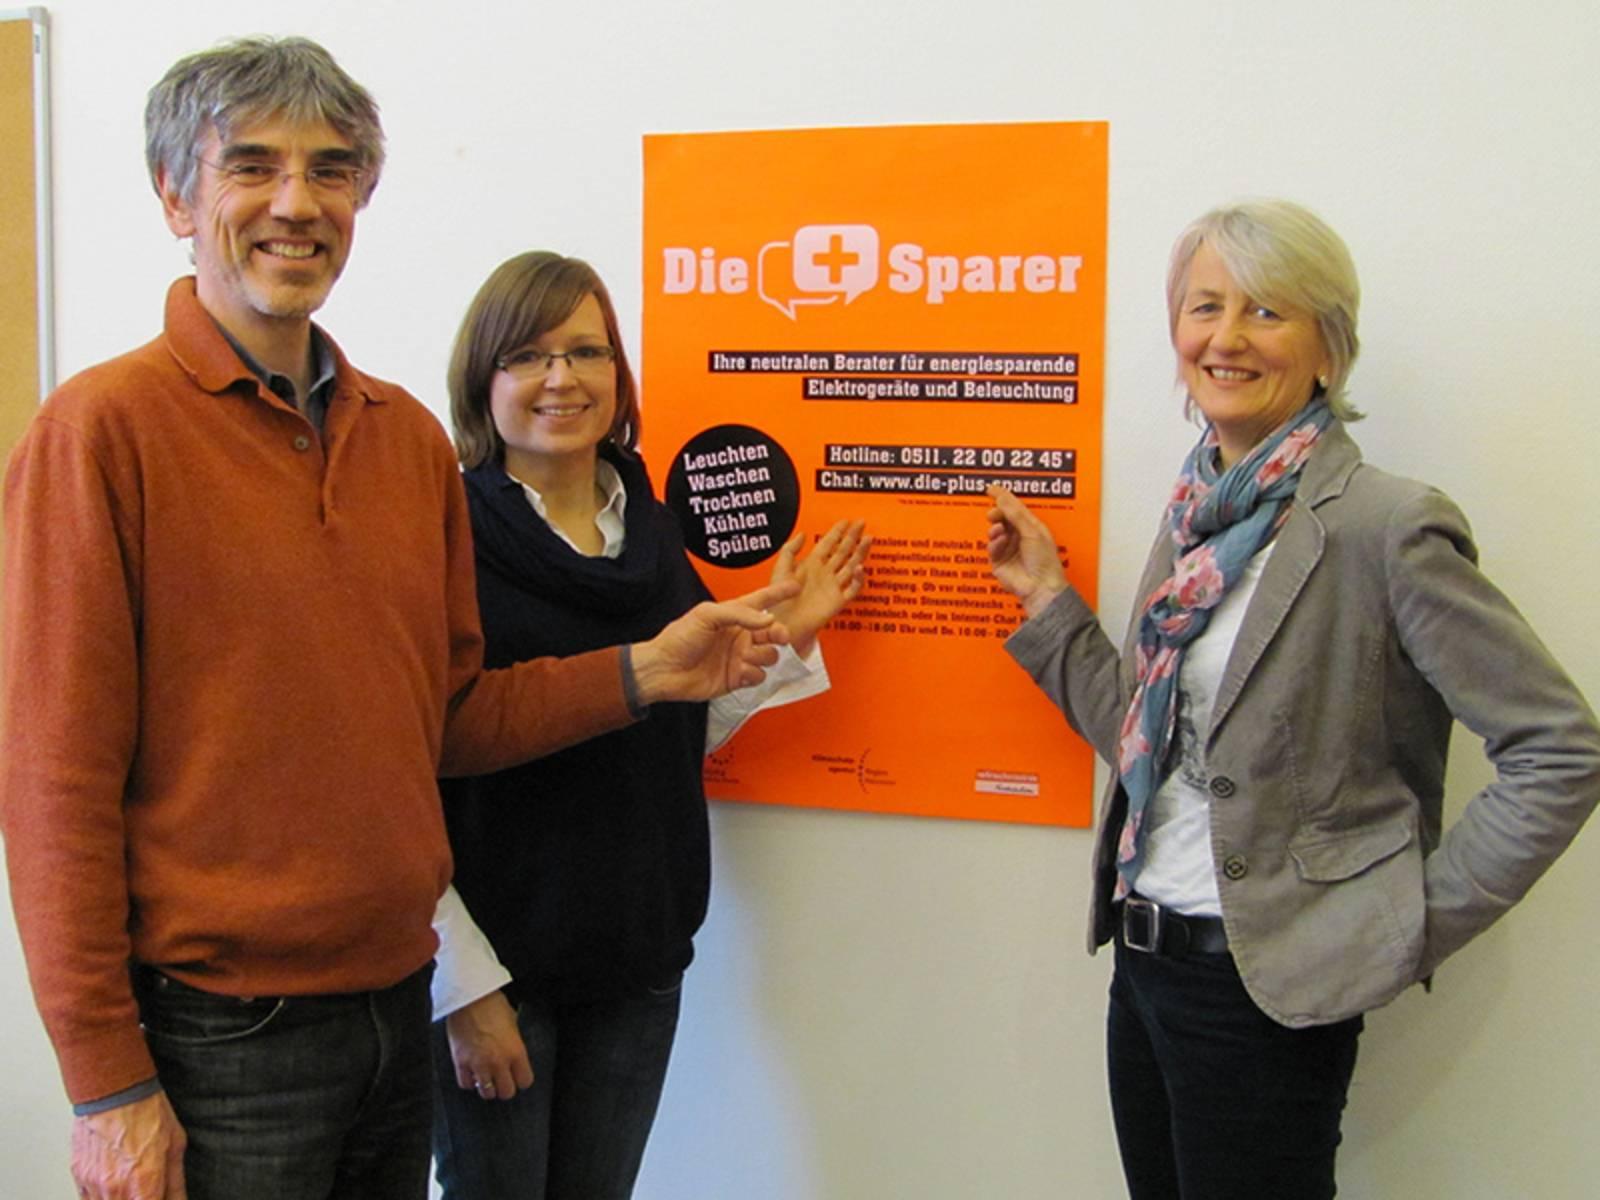 Arndt Weidenhausen von proKlima, Karin Merkel von der Verbraucherzentrale Niedersachsen sowie Lena Schäffer von der Klimaschutzagentur Region Hannover stellen die neue Kampagne vor.